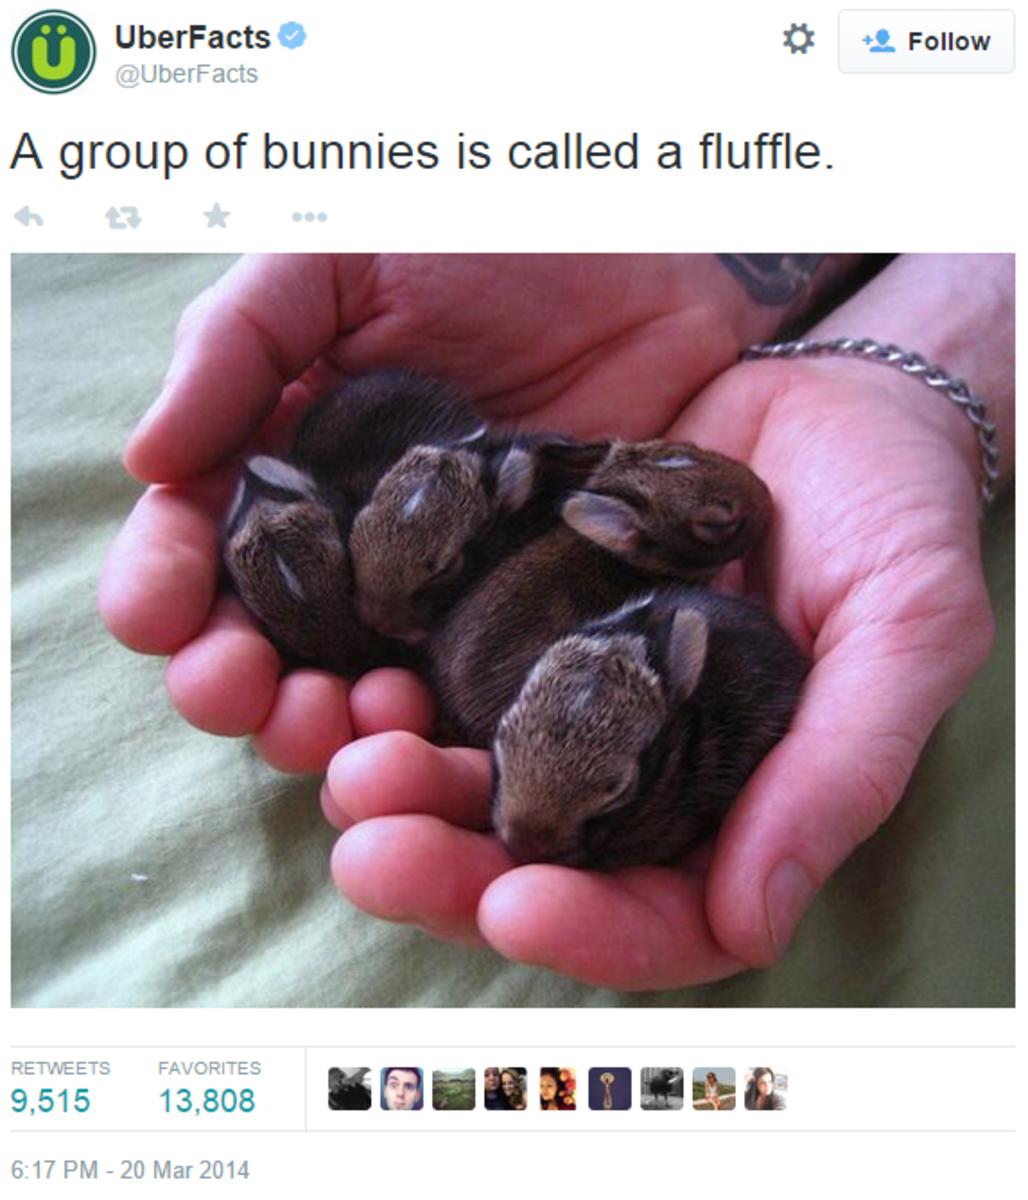 UberFacts on TwitterA group of bunnies